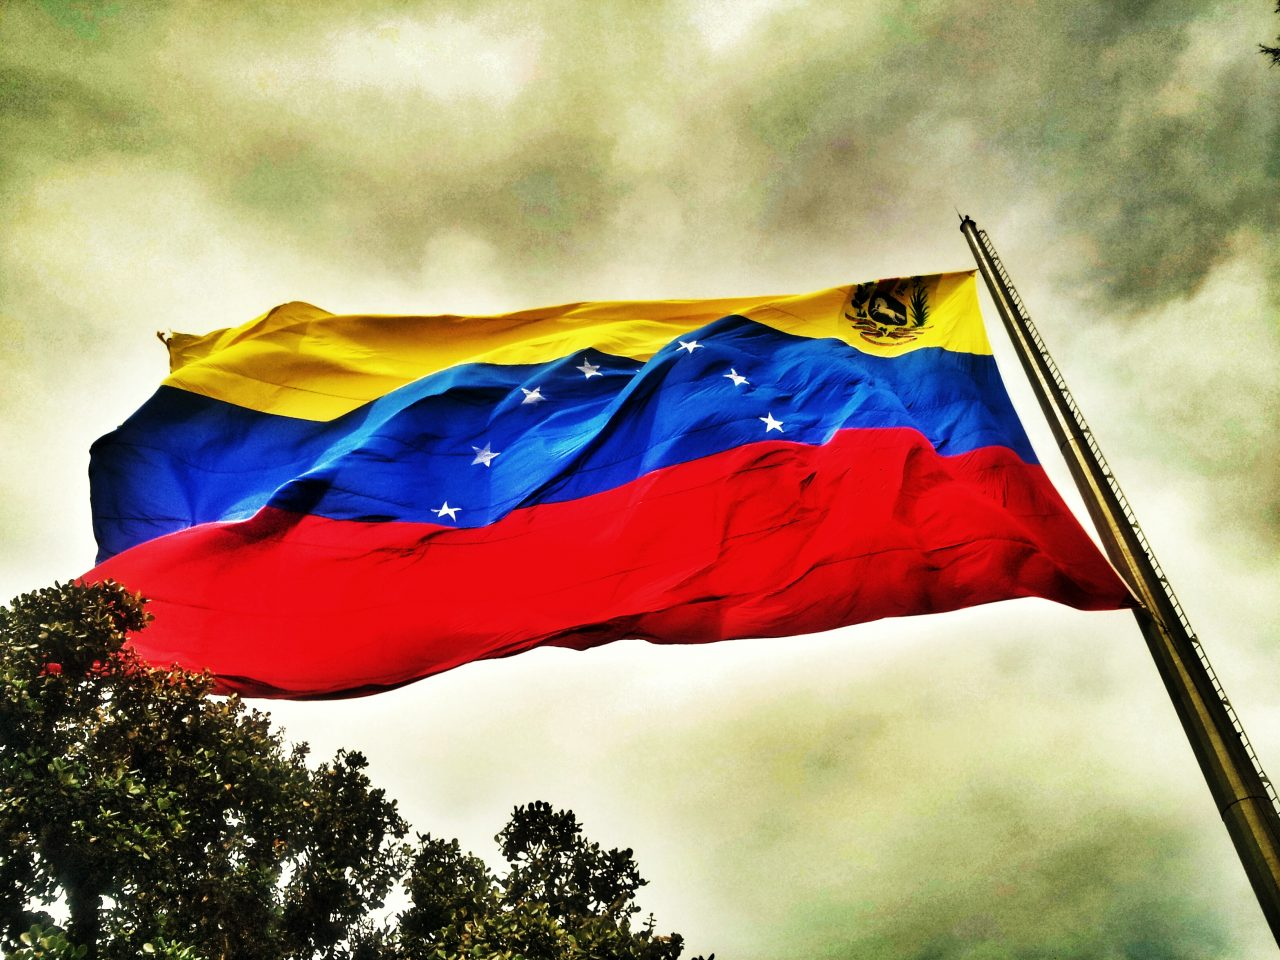 Ejército de Venezuela detiene a grupo sublevado; oposición celebra a rebeldes